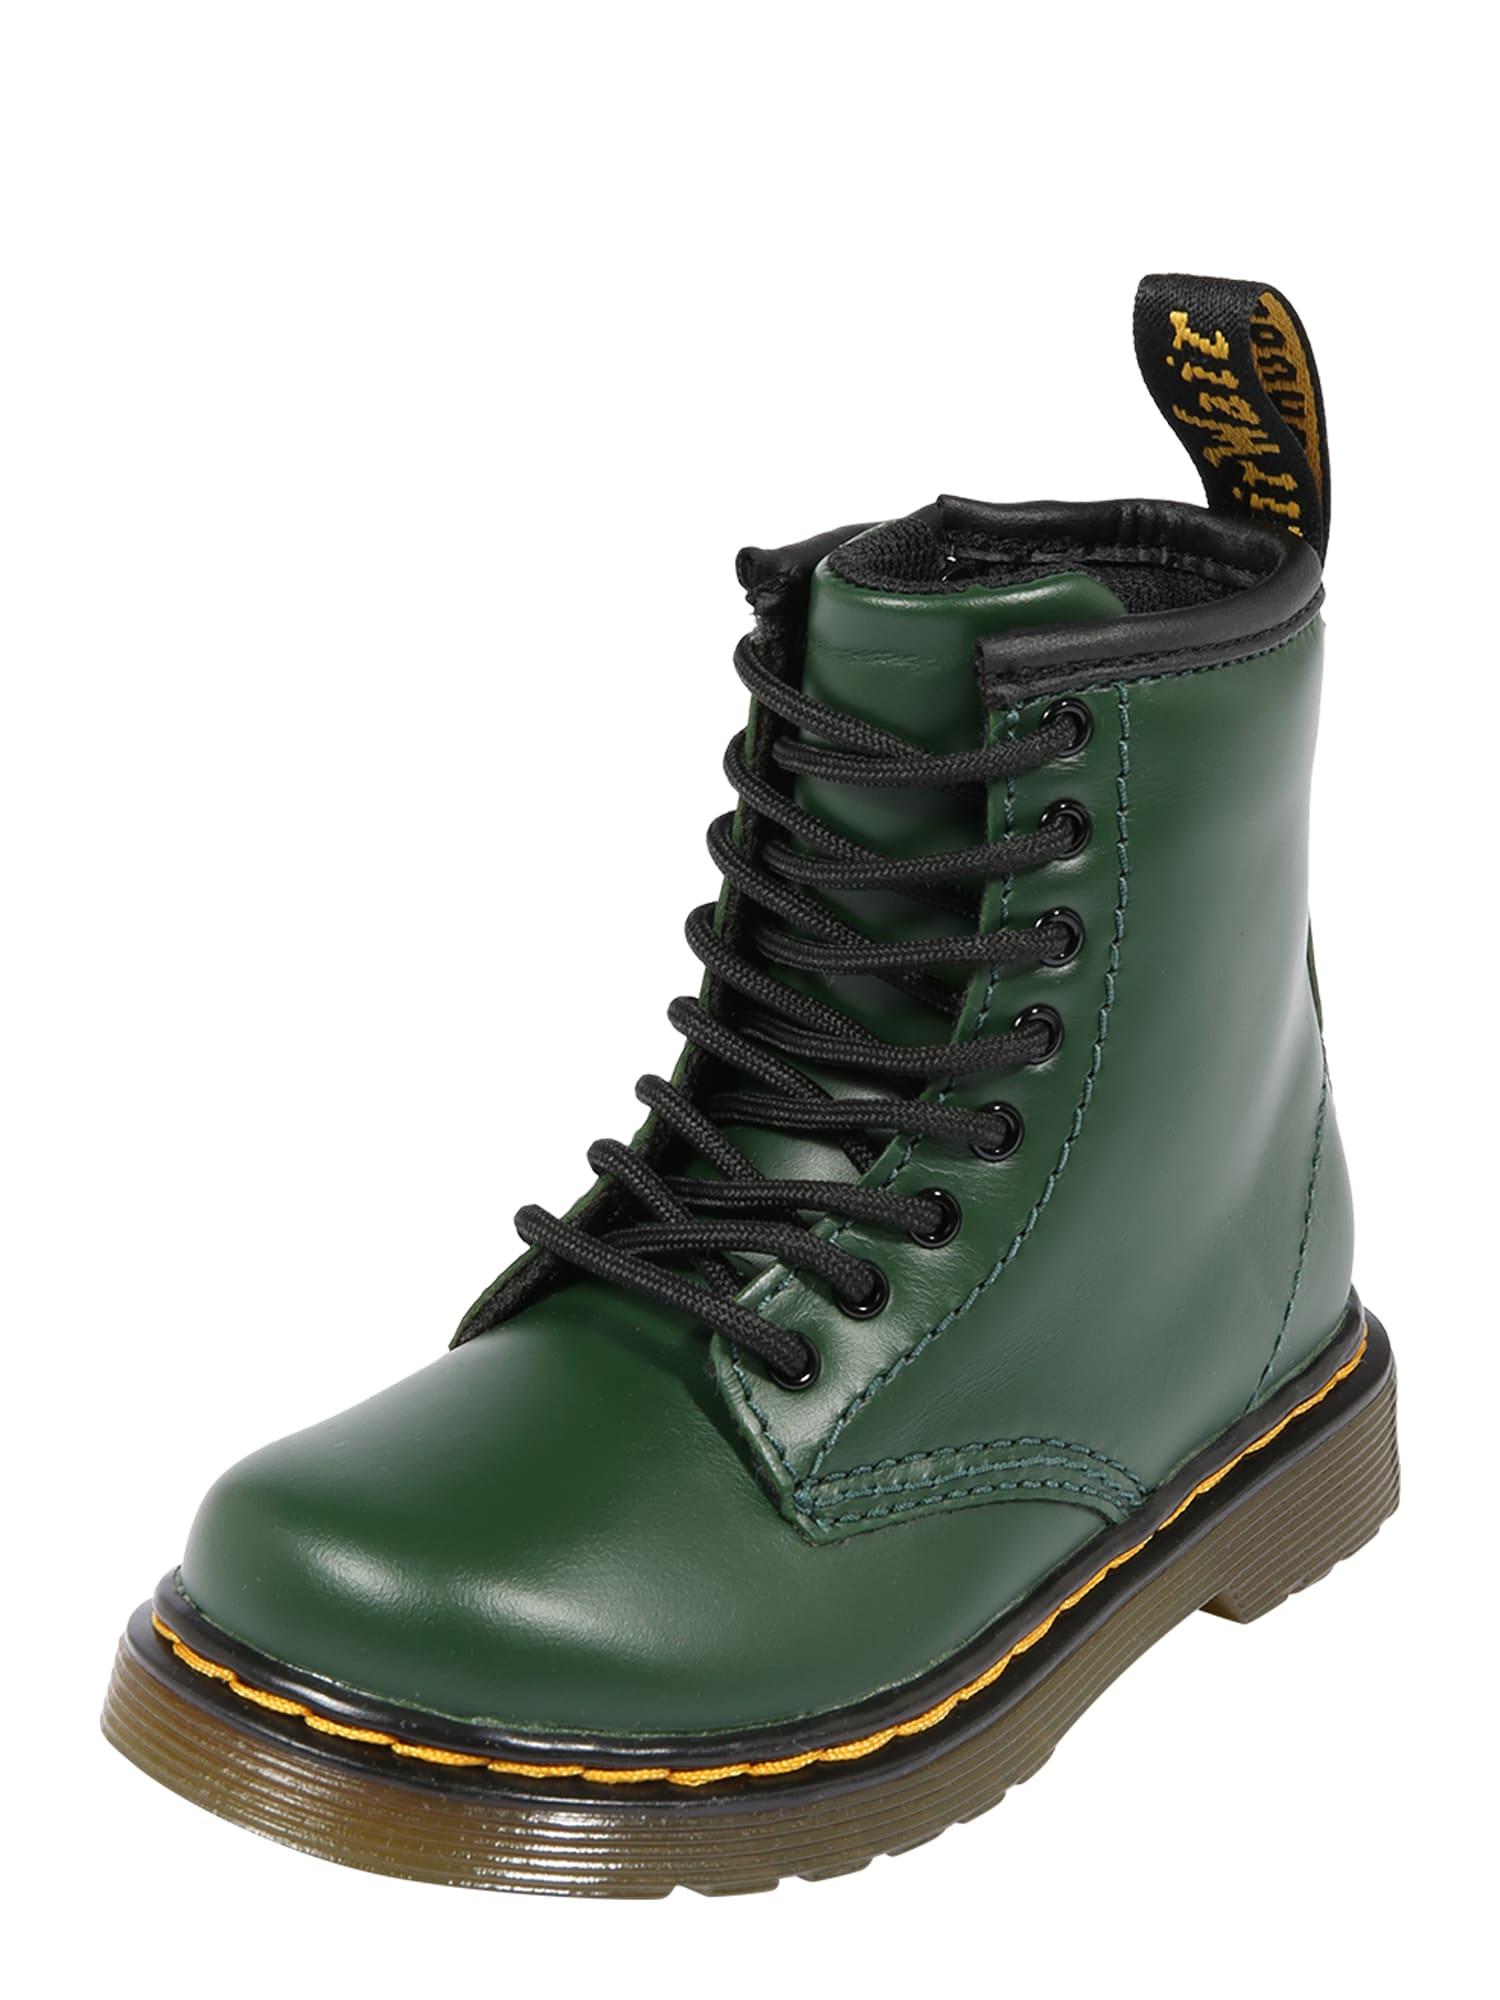 Dr. Martens Auliniai tamsiai žalia / geltona / juoda